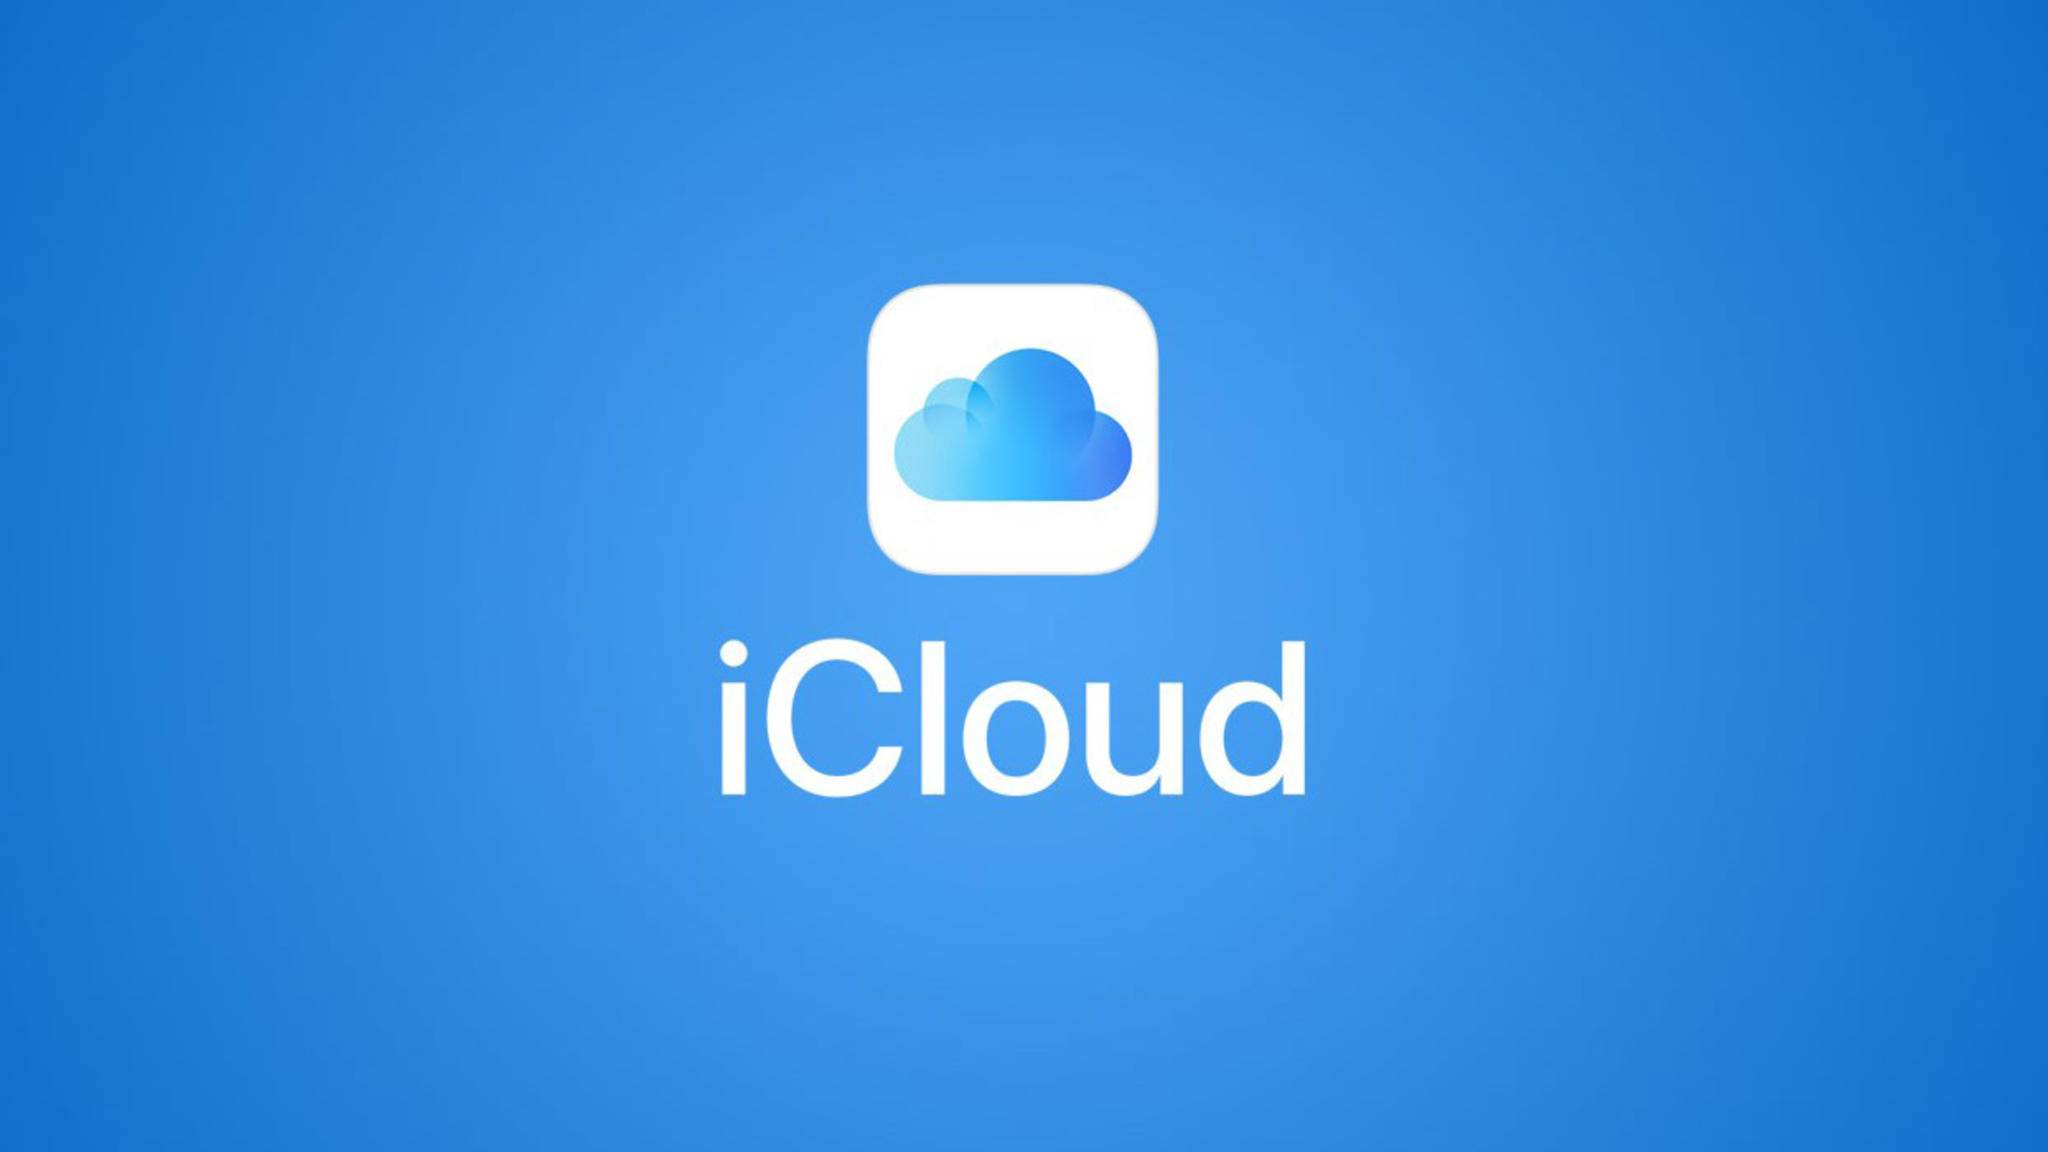 Am Donnerstag hatten zahlreiche iCloud-Dienste von Apple technische Probleme.